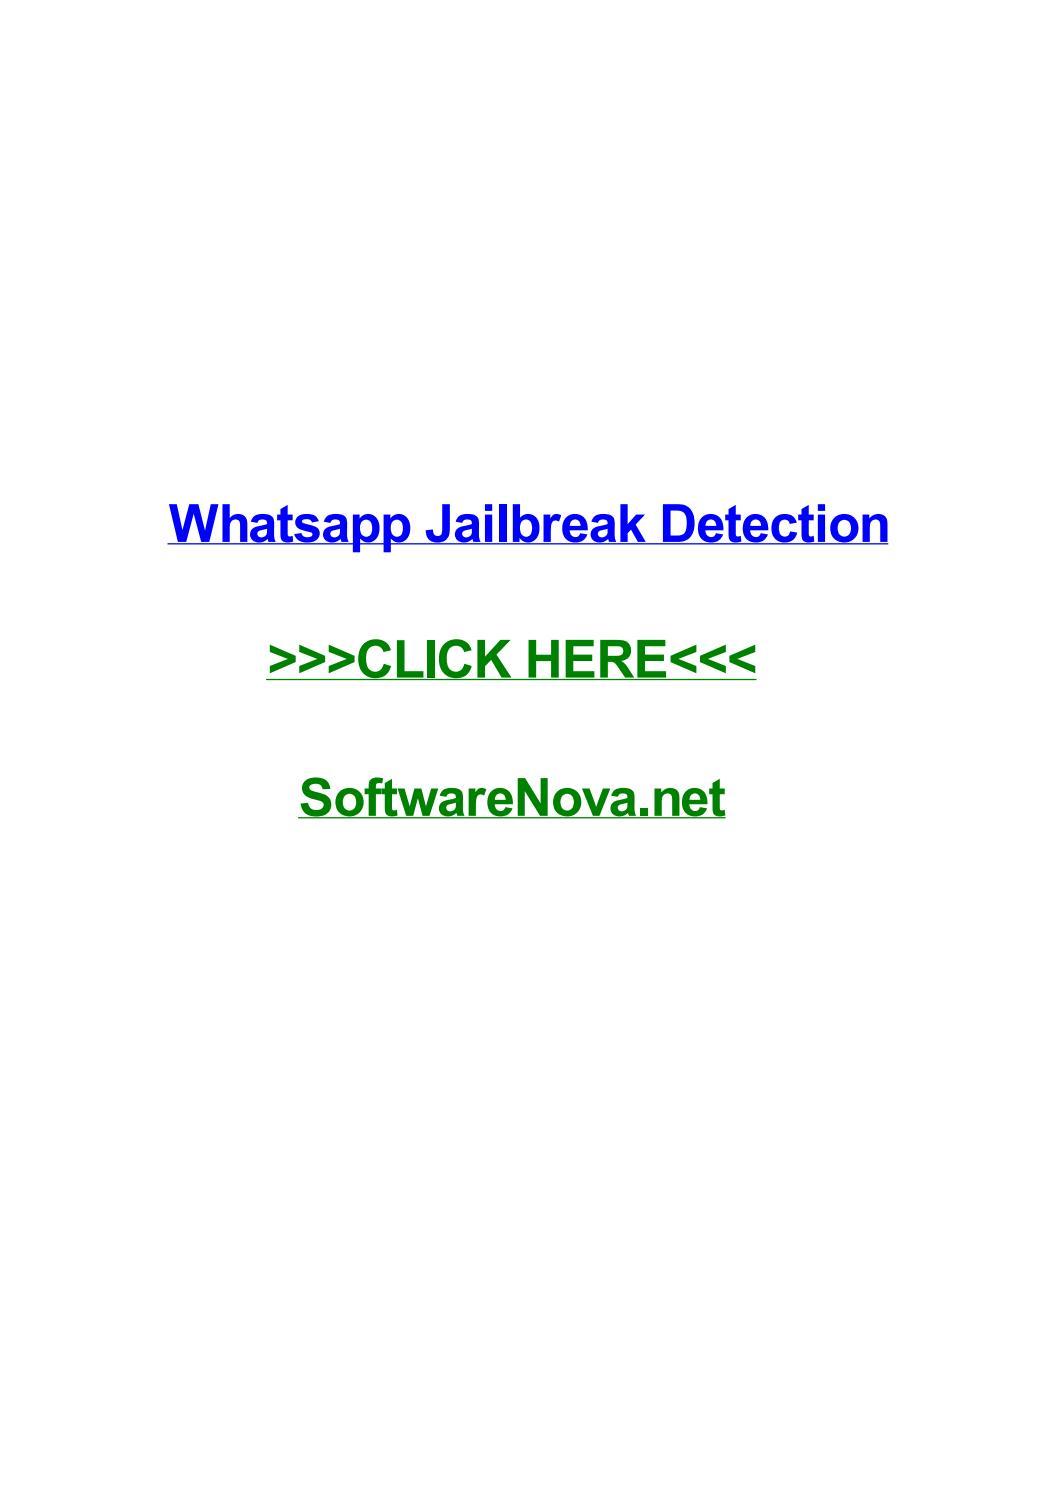 Whatsapp jailbreak detection by dalynautoa - issuu